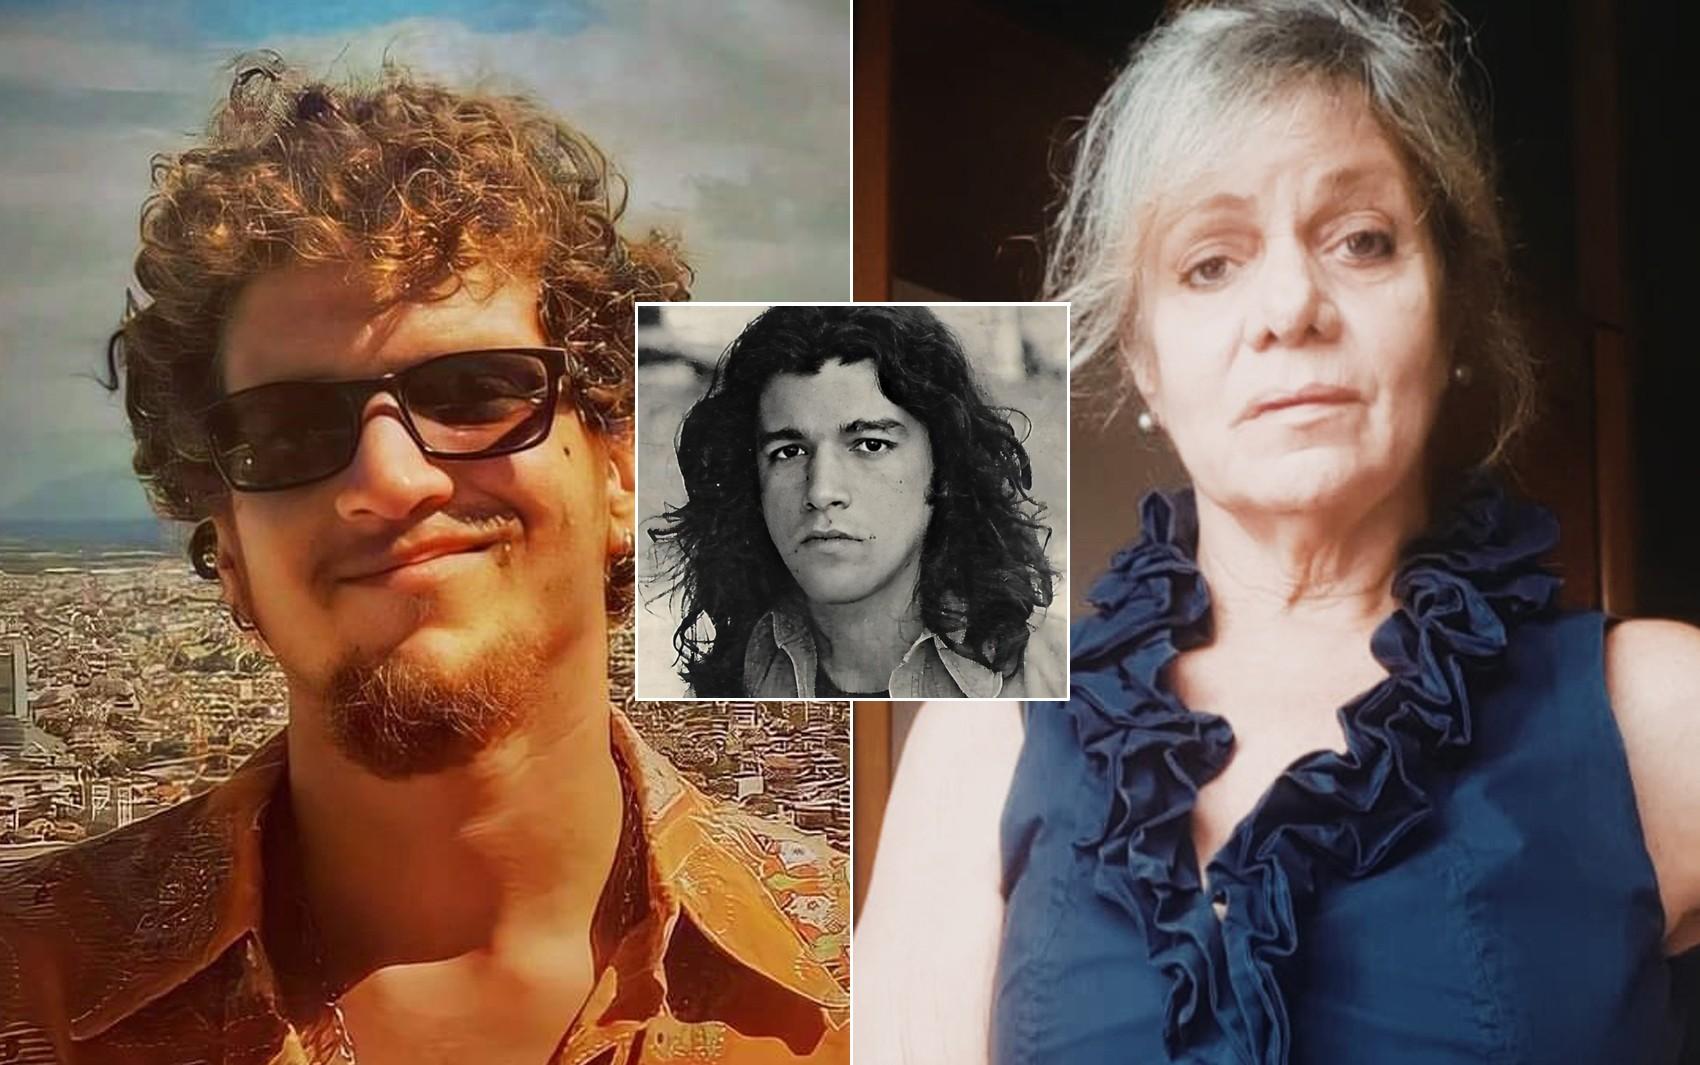 Artista baiano se junta à viúva de Guilherme Lamounier no resgate da obra do músico dono de 'hits secretos' e ídolo de outros artistas